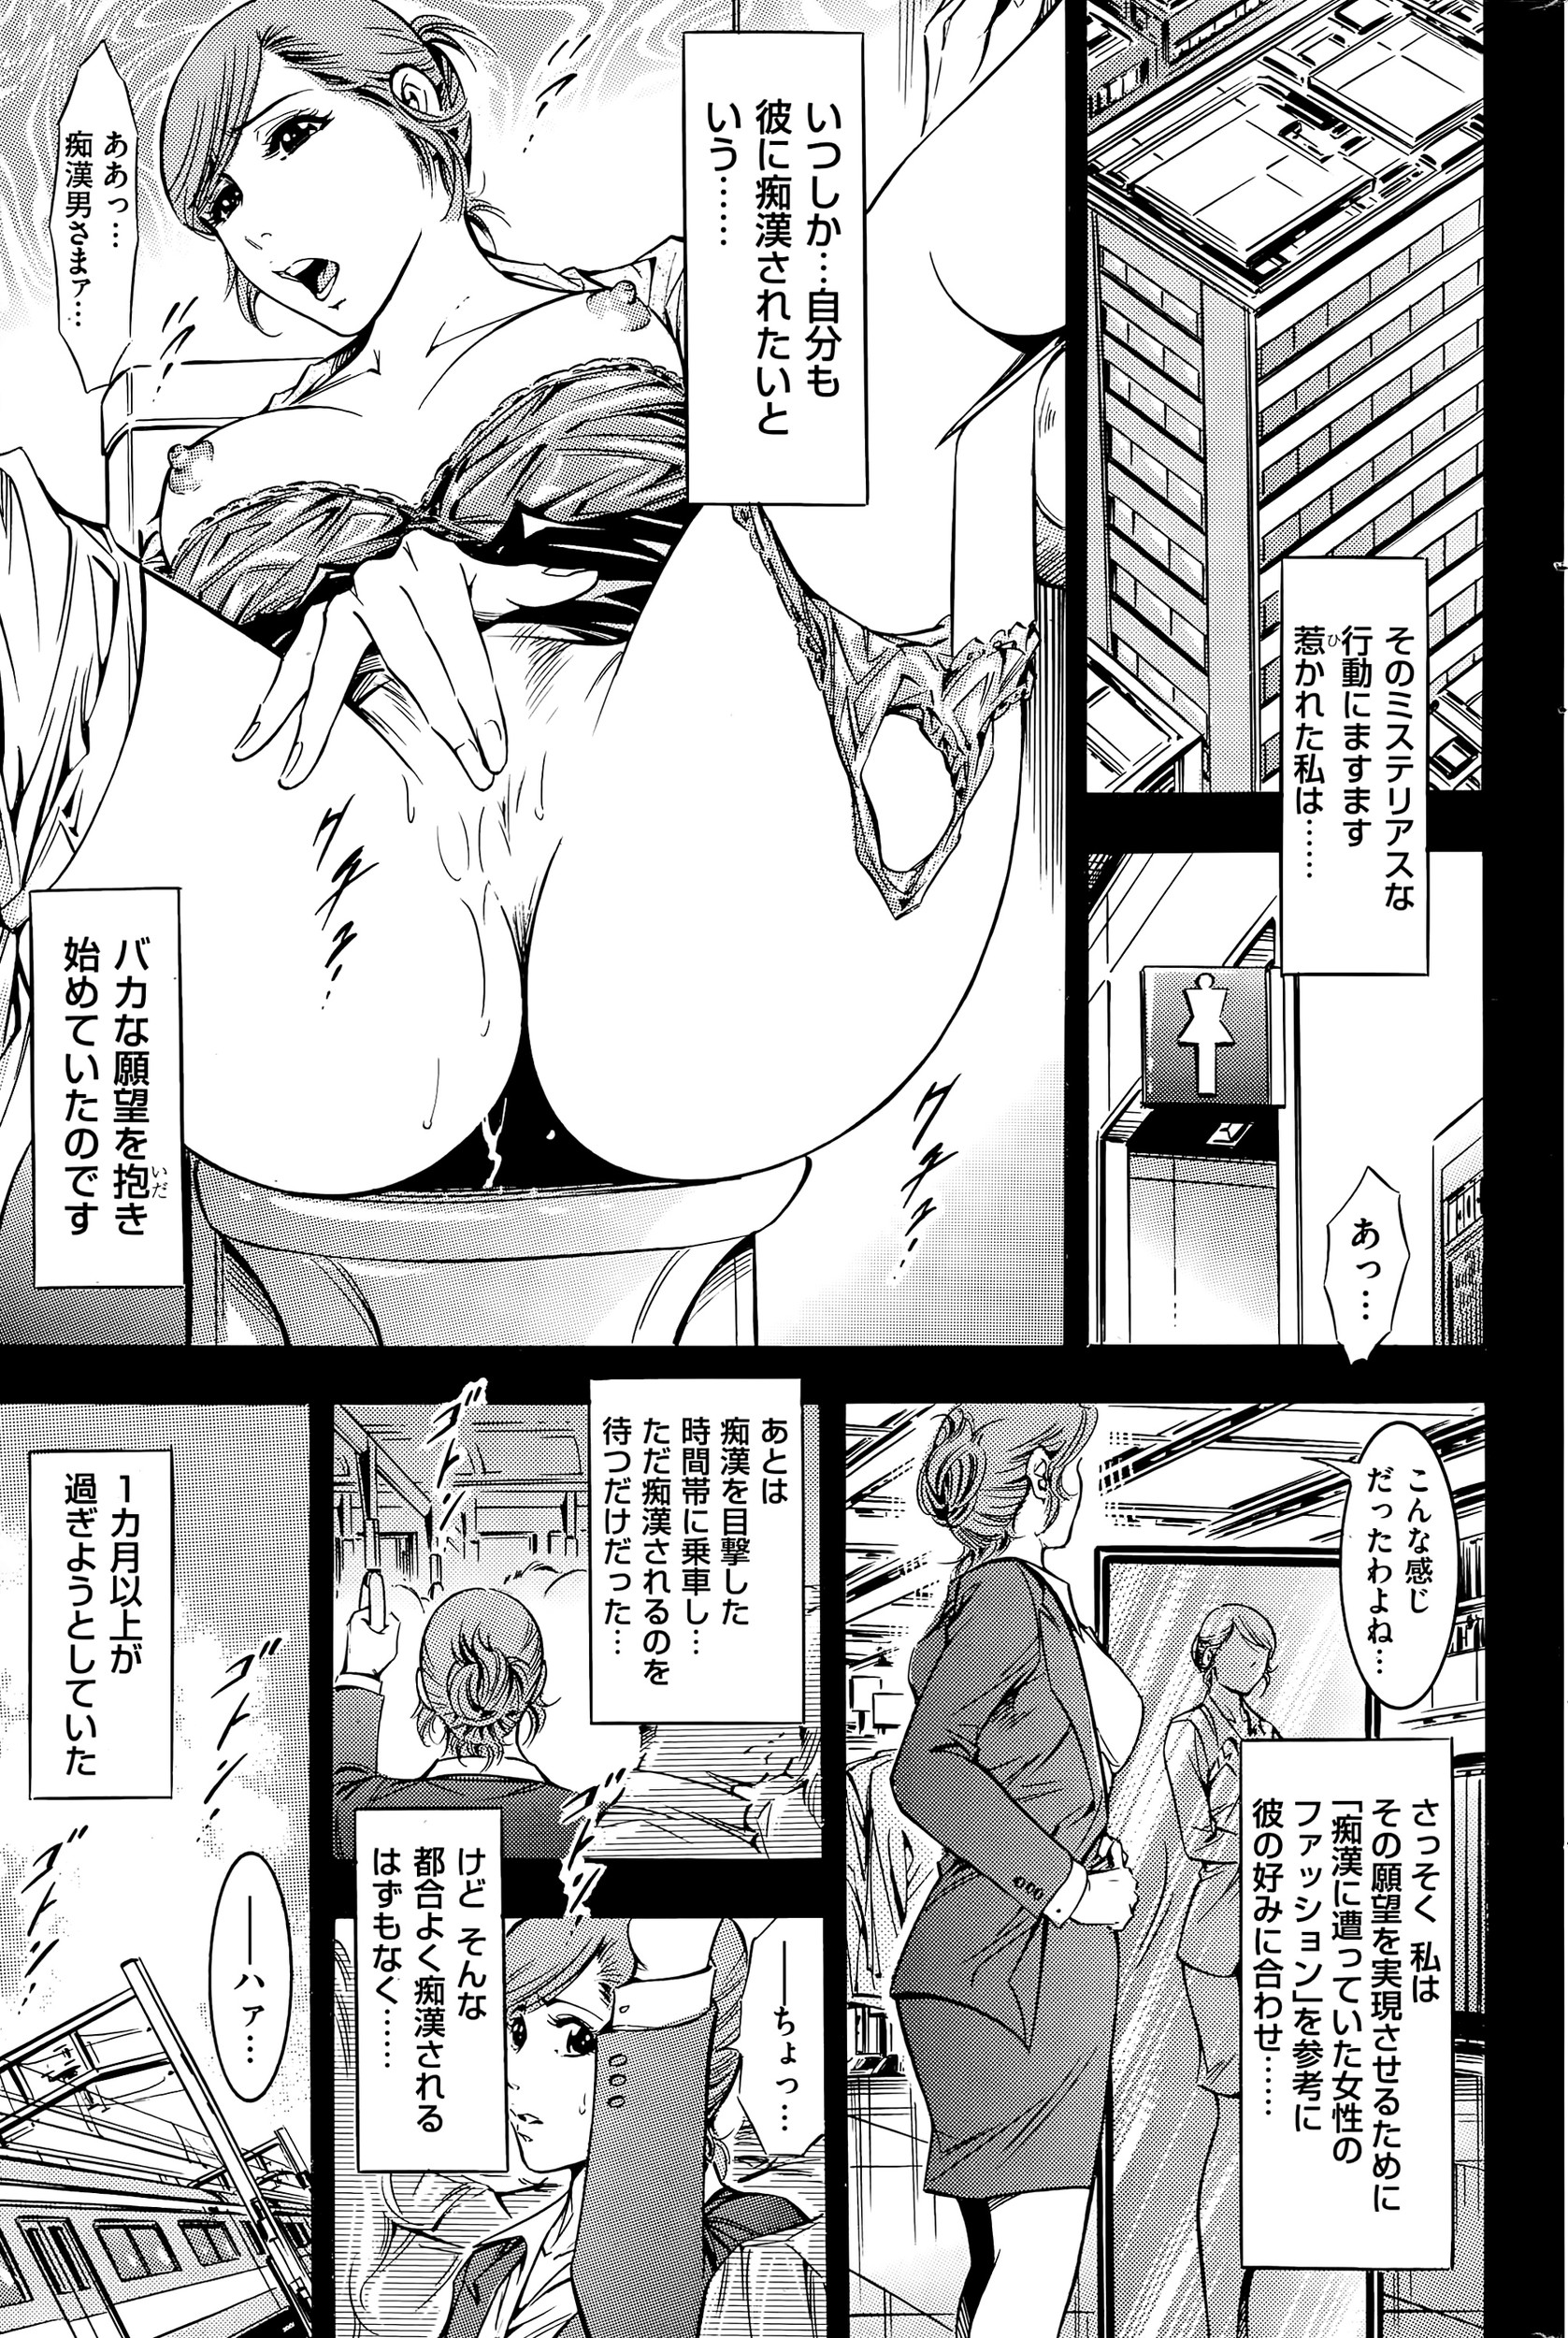 【エロ漫画・エロ同人】痴漢されたくてしょうがない巨乳OLwww (7)